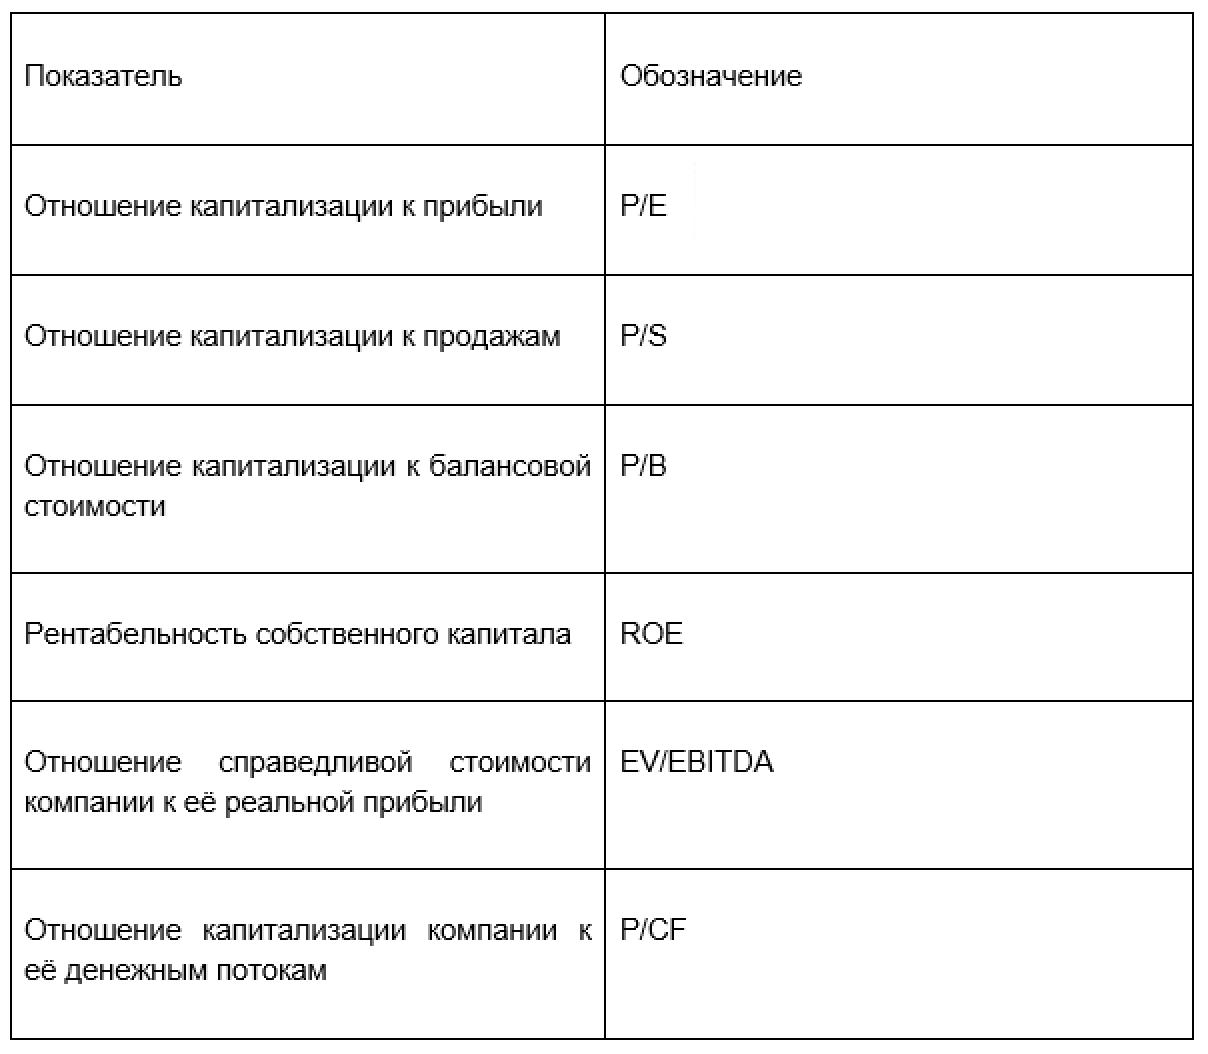 Рис. 4. Ключевые коэффициенты